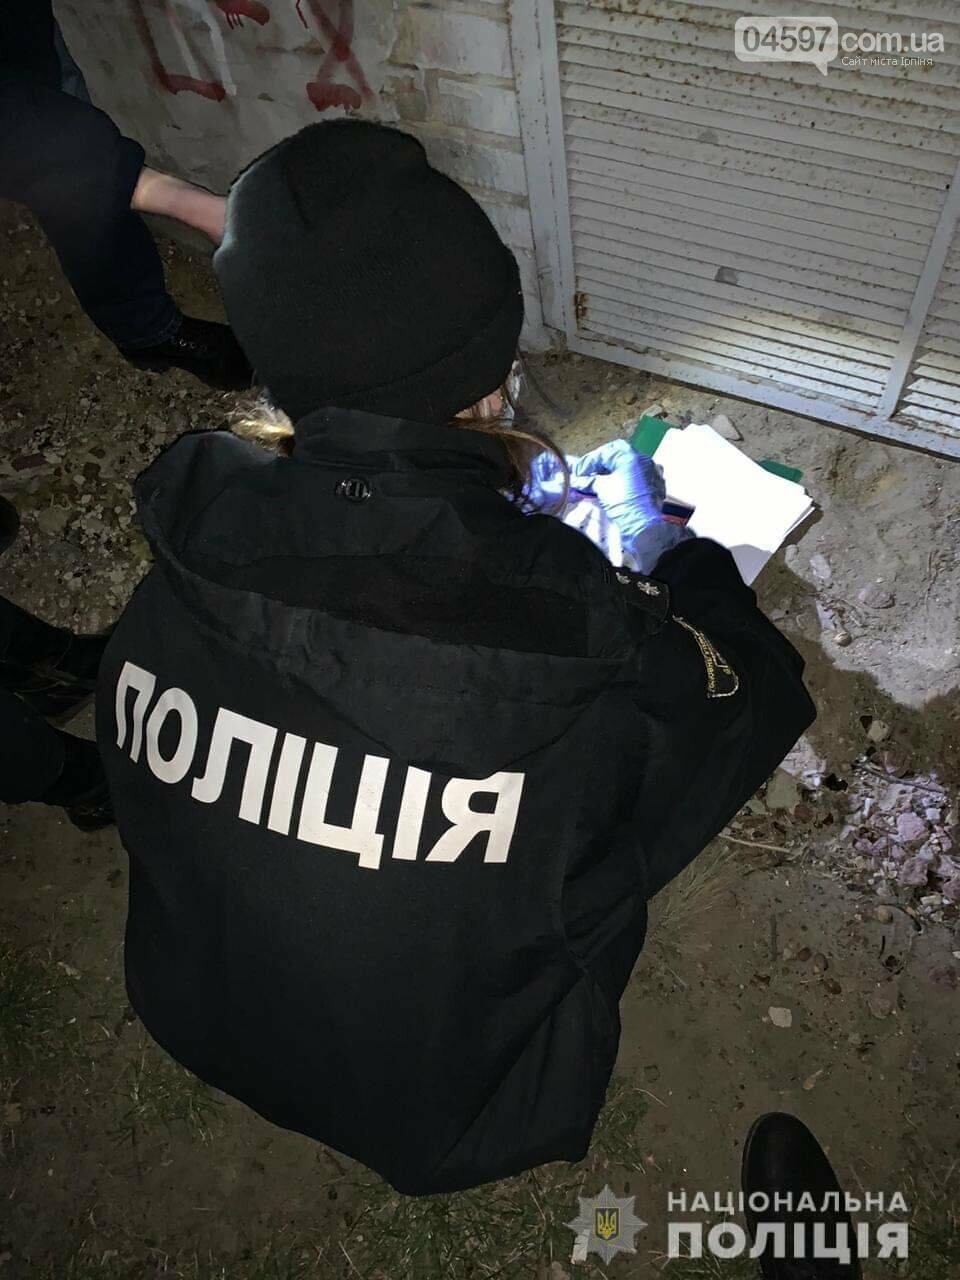 """В Ірпені поліція затримала жінку, яка збувала метадон через """"закладки"""", фото-1, Поліція Київської області"""